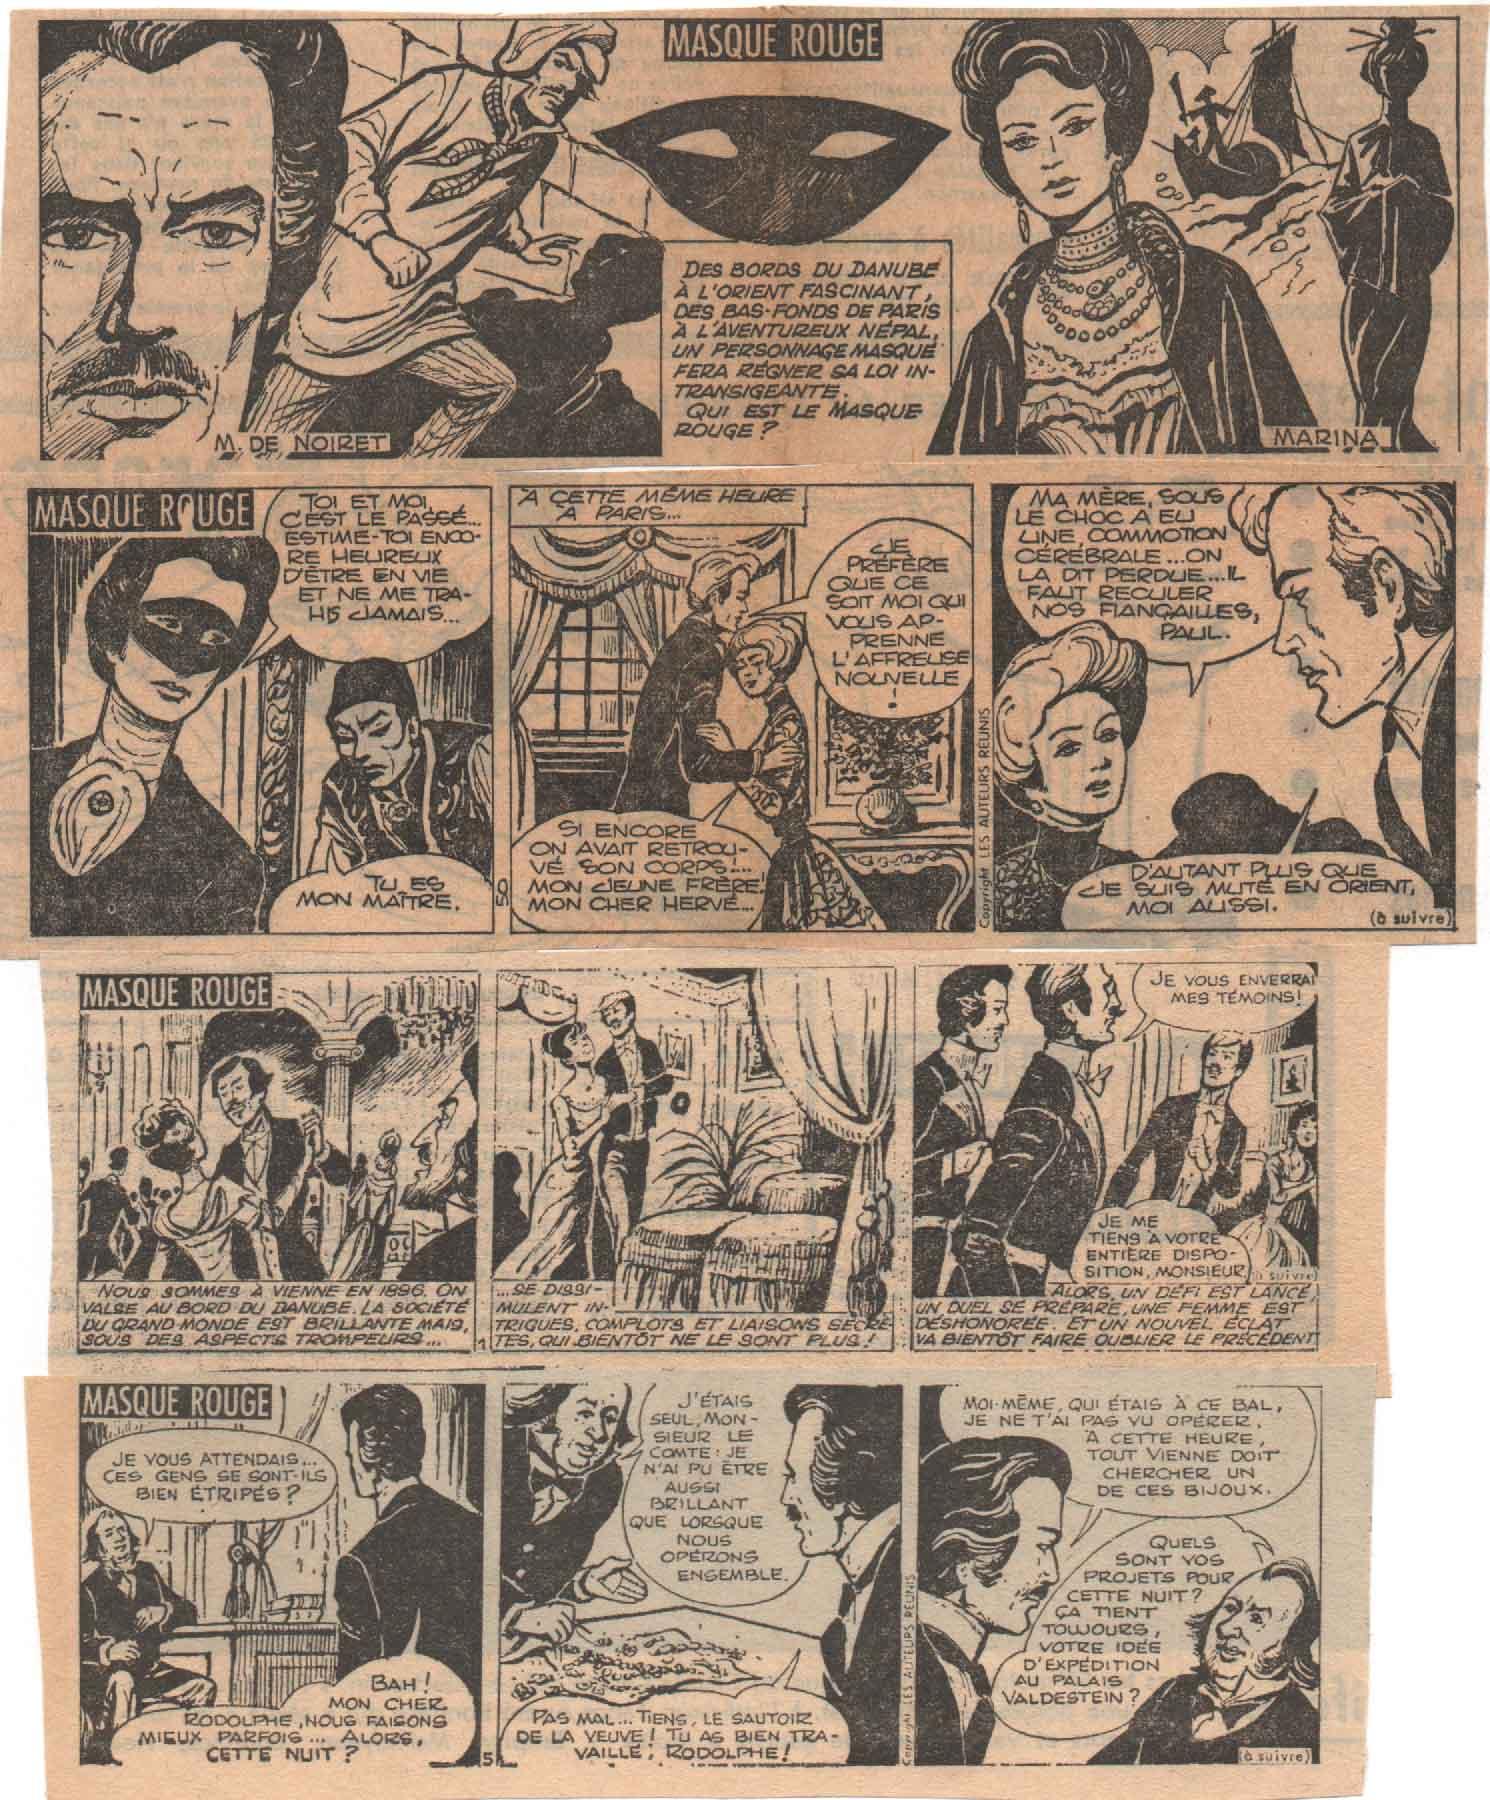 « Masque rouge » Les Auteurs réunis (1967-1968).